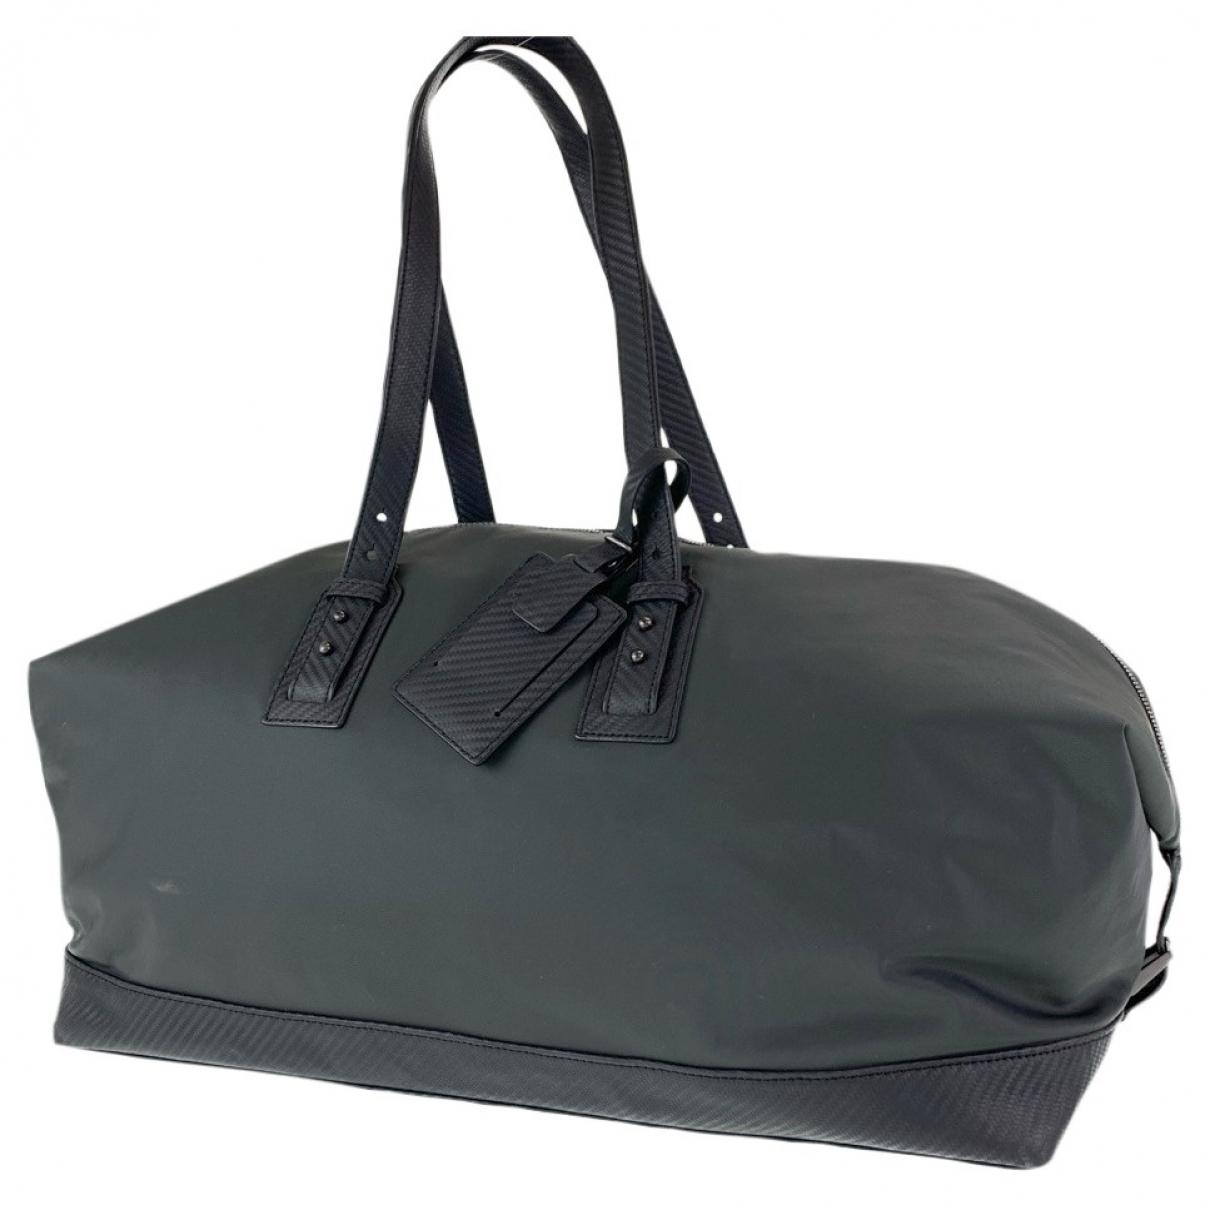 Alfred Dunhill \N bag for Men \N